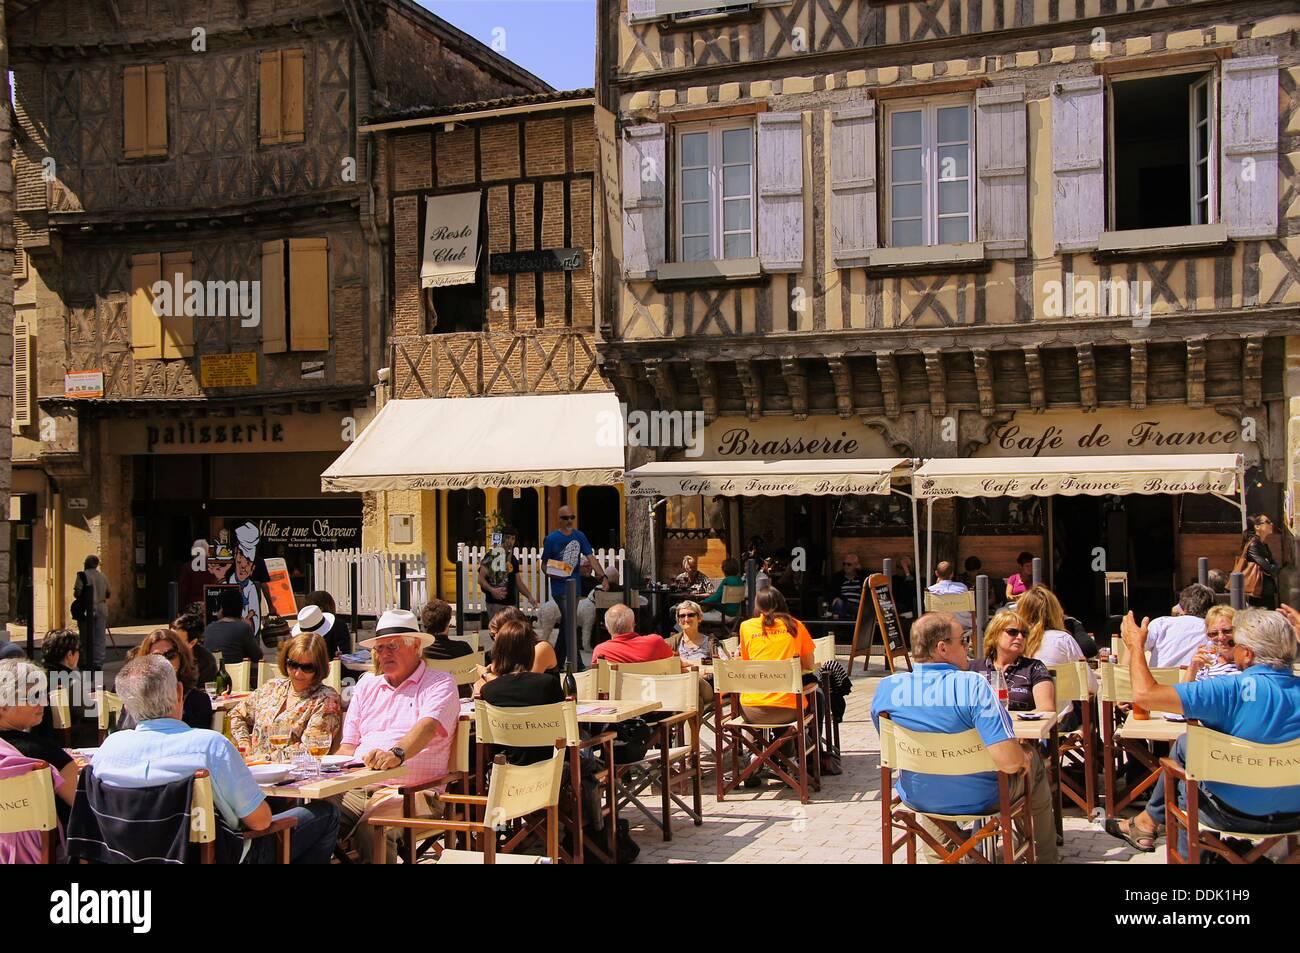 Cafe De France Eauze